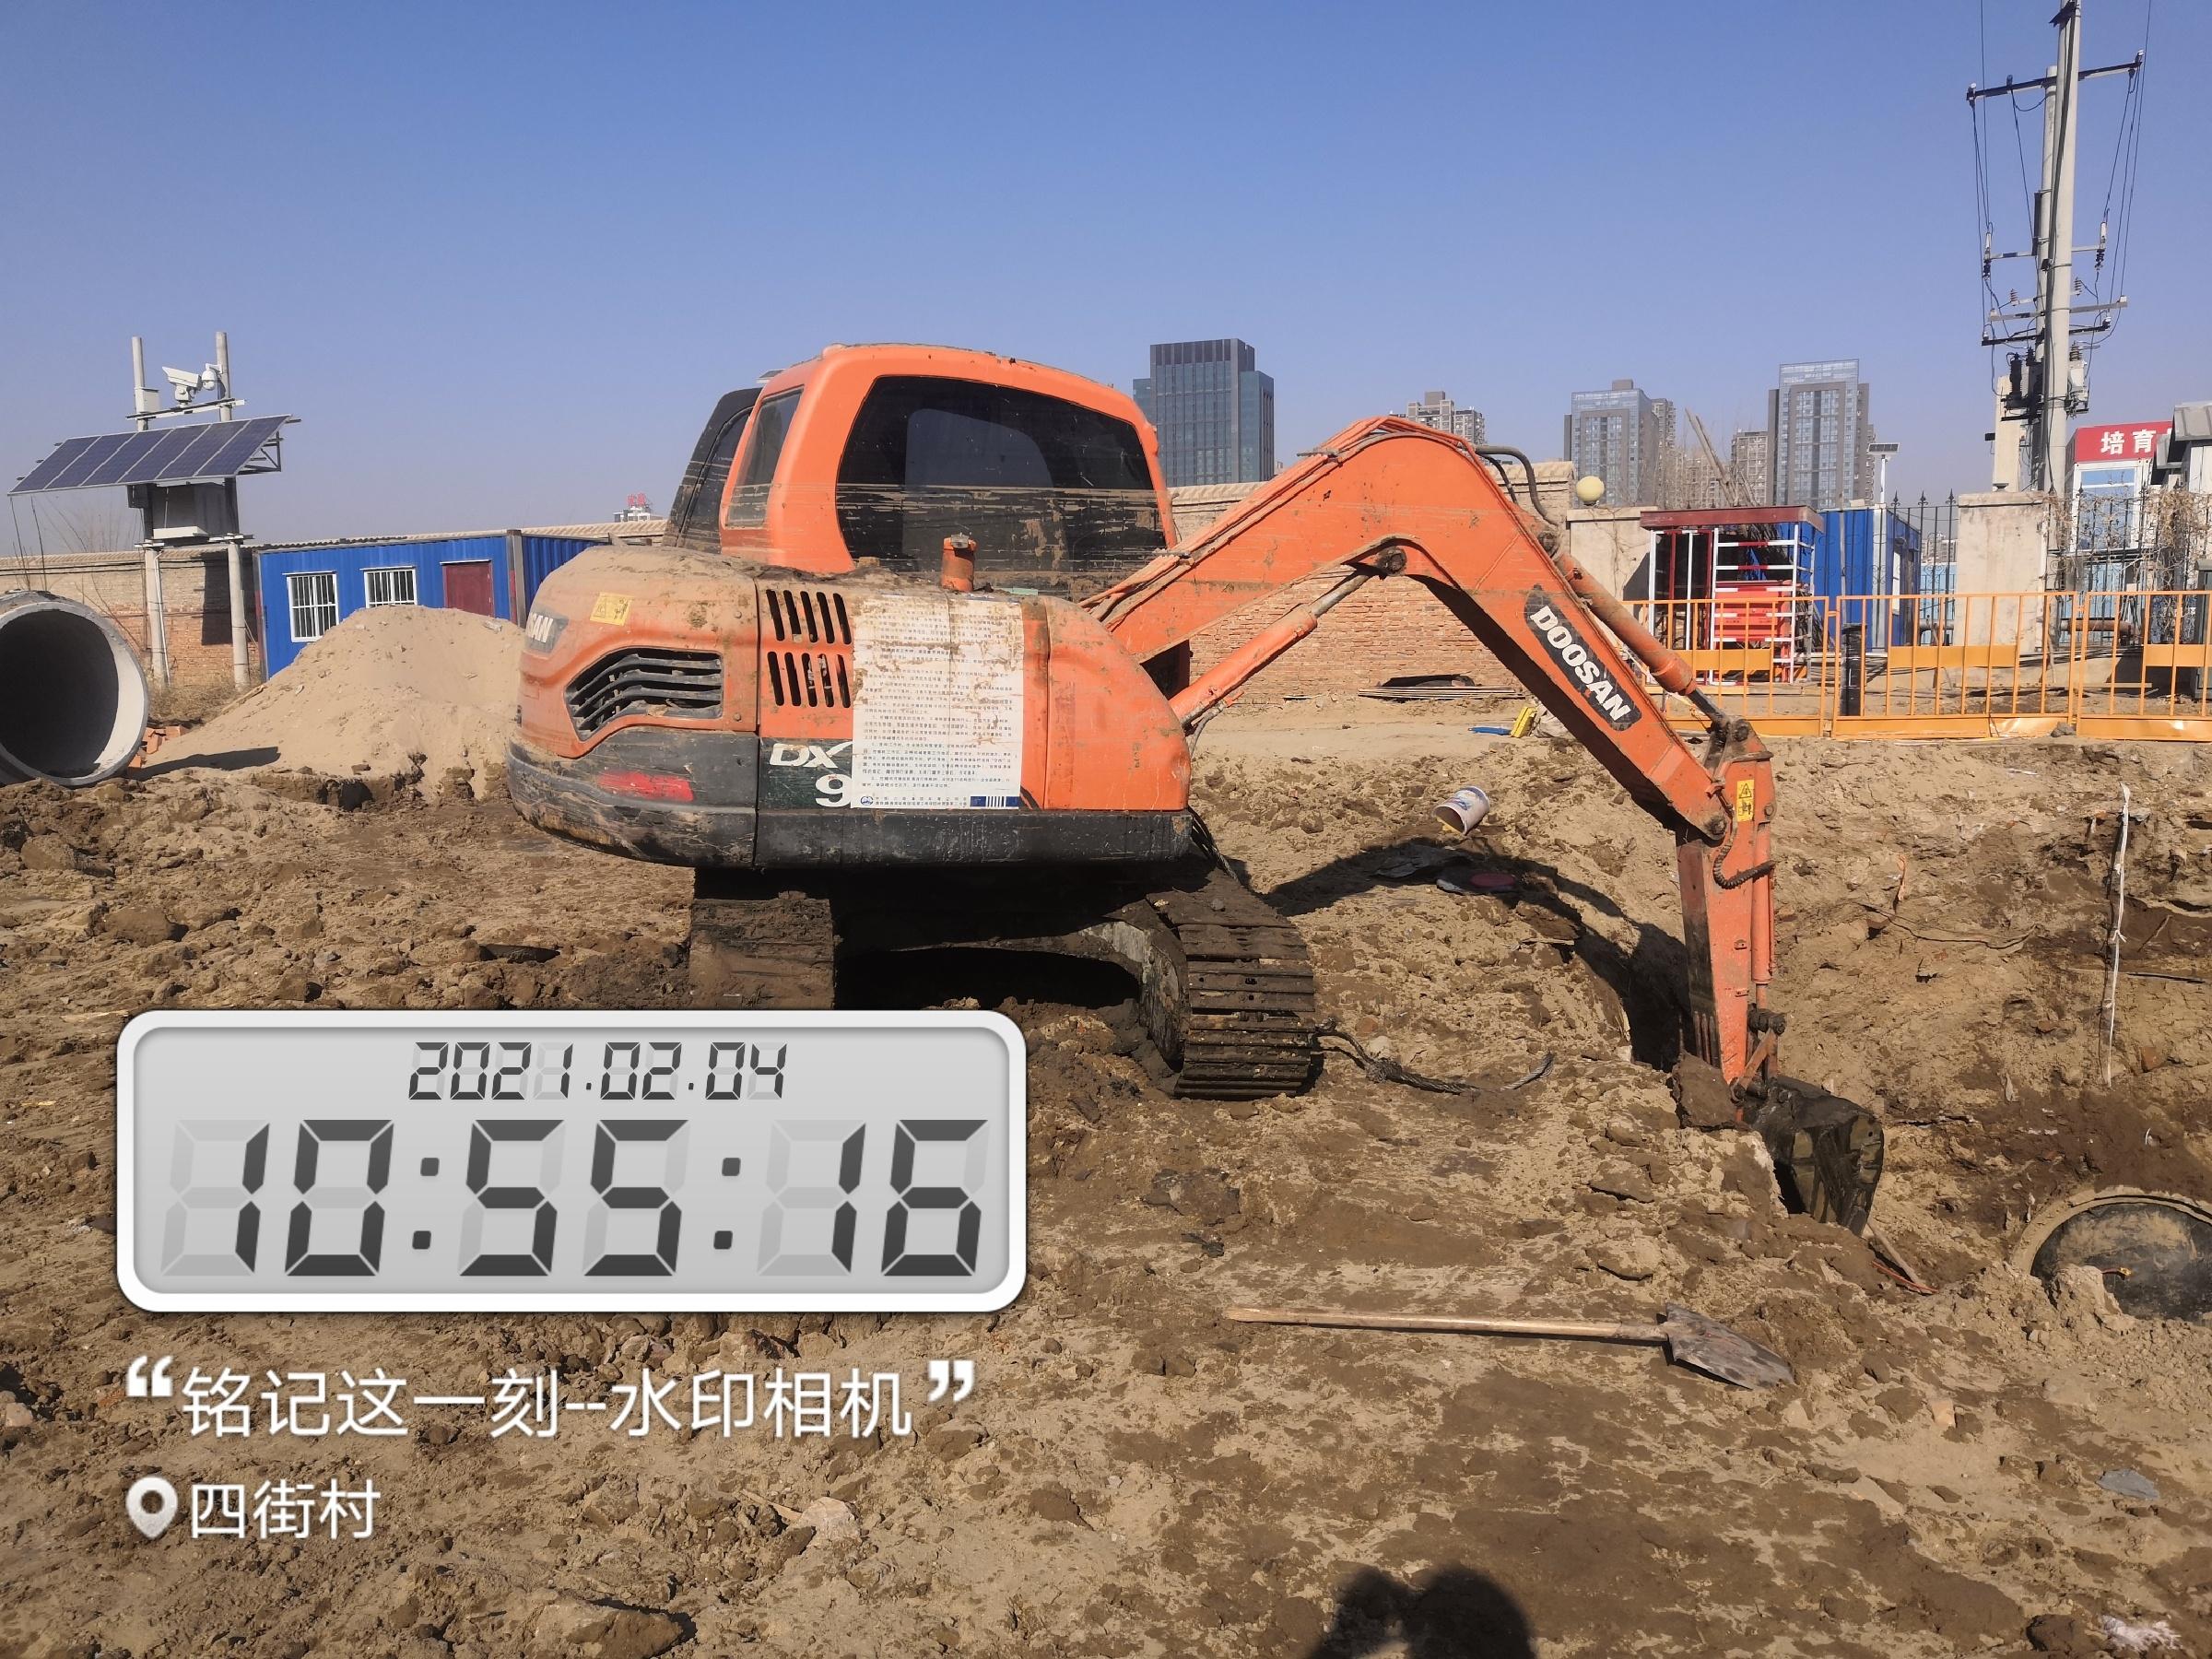 关于水淹挖机减少车主损失的亲身体验